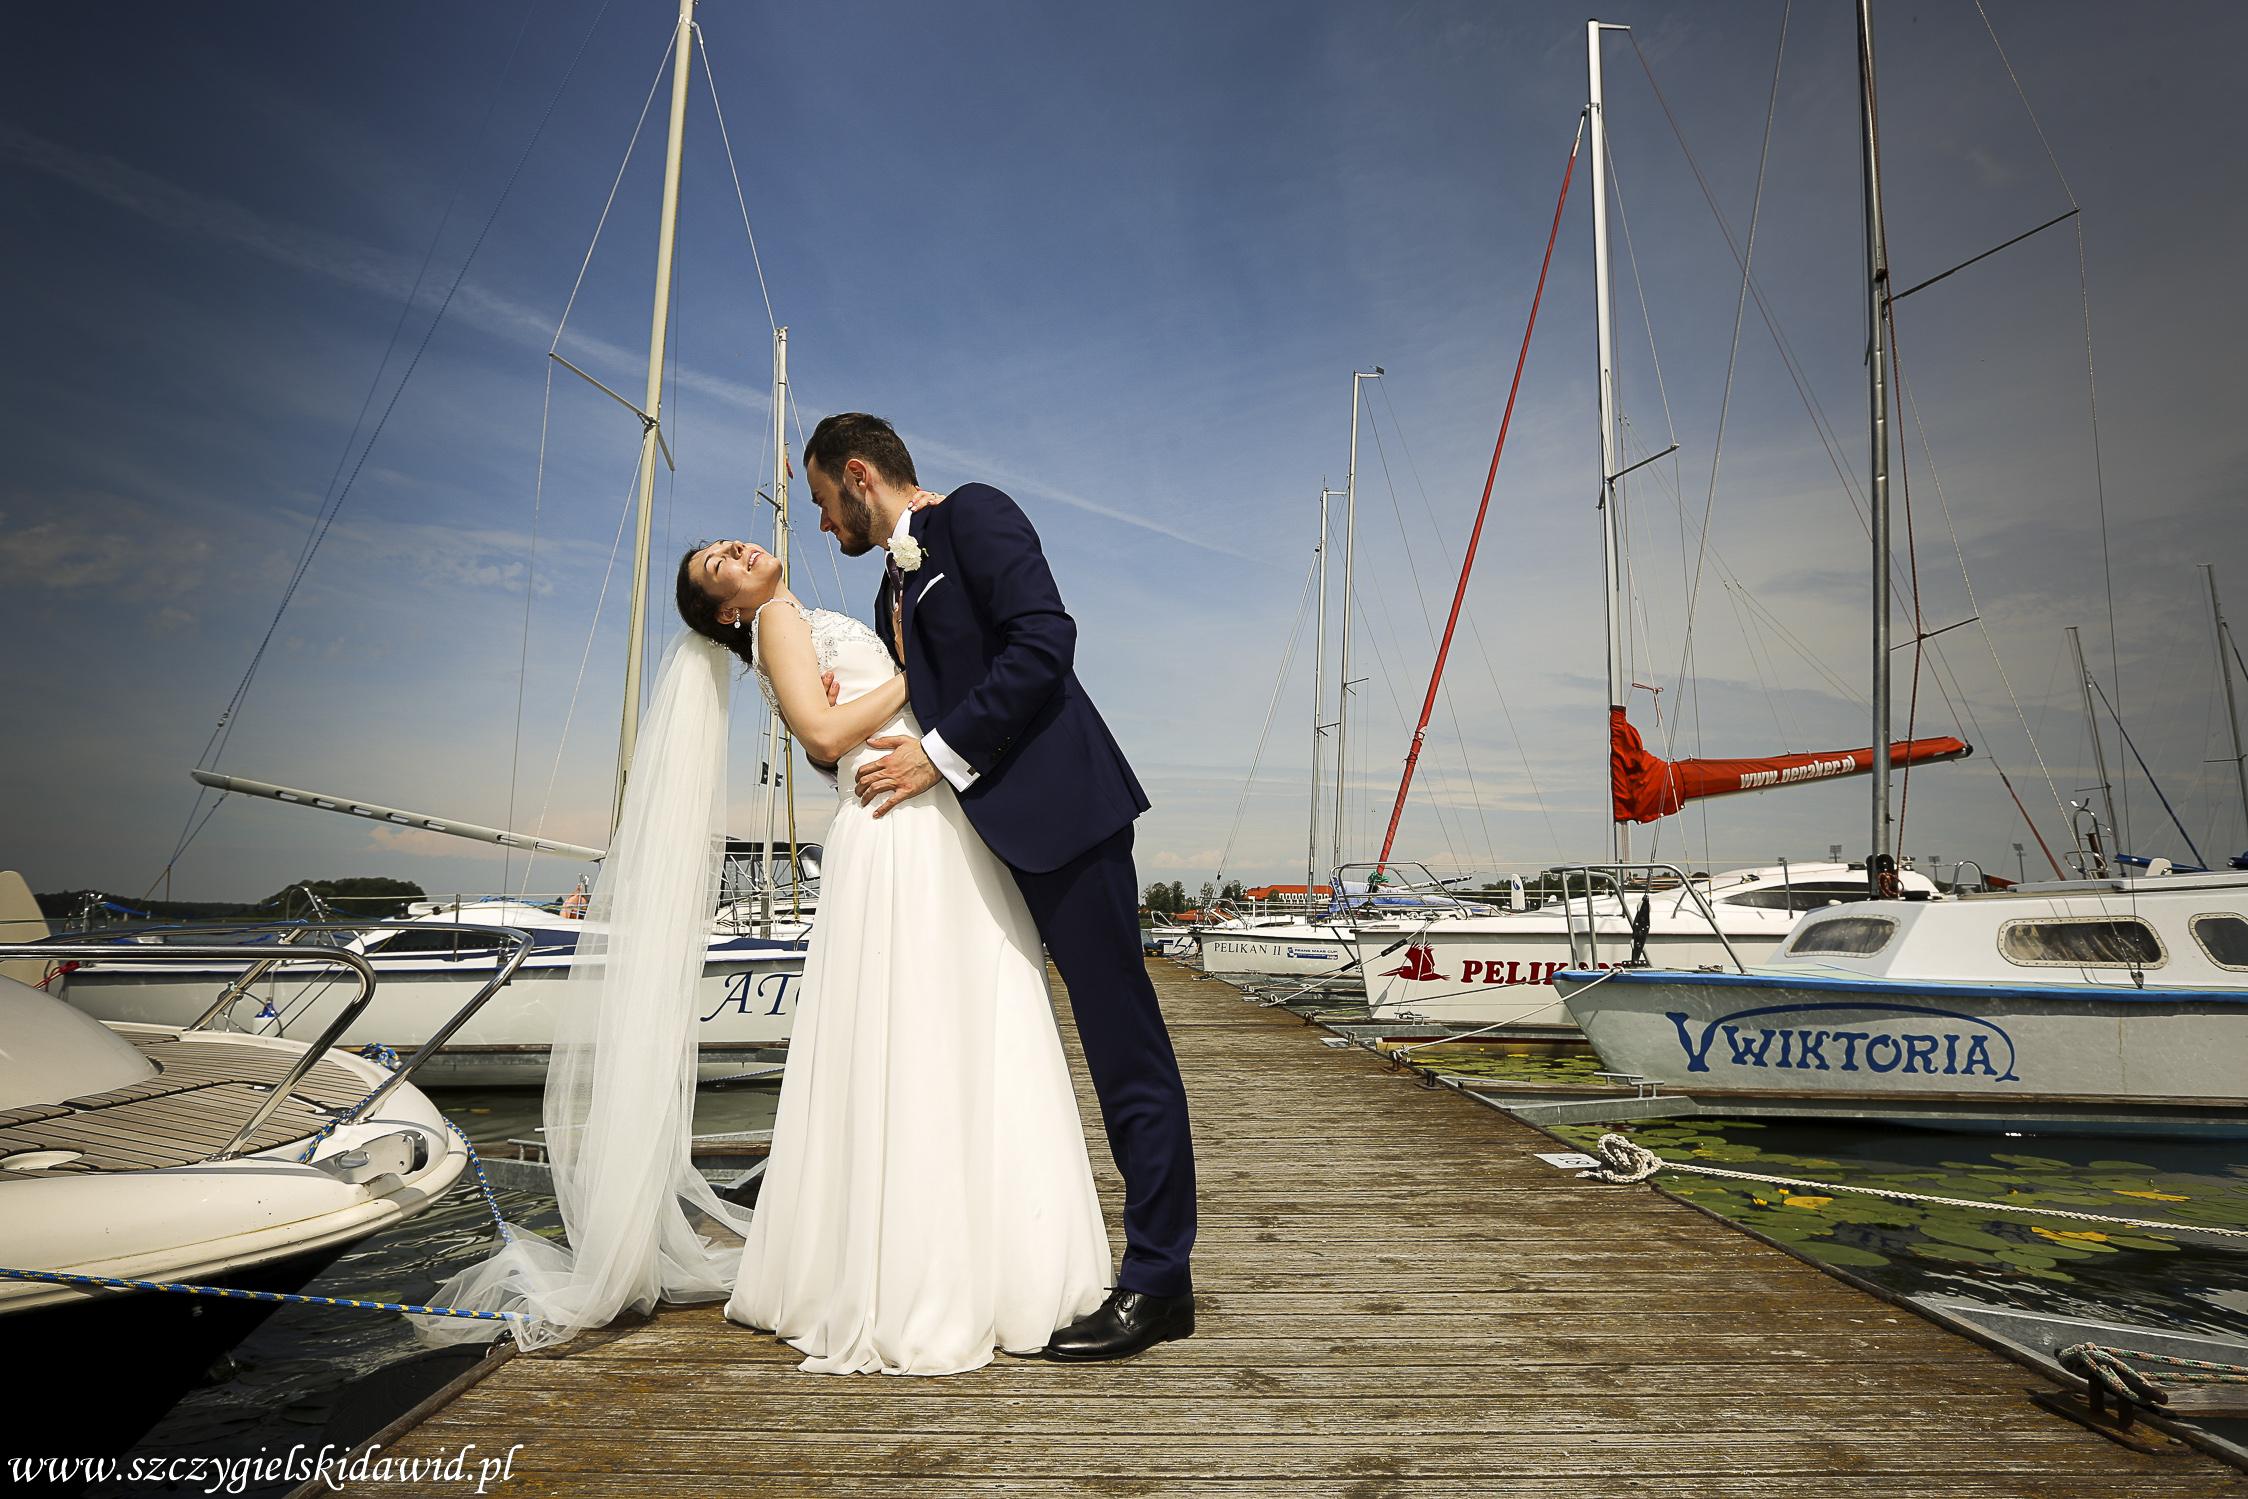 Ola i Bartek ślubnie